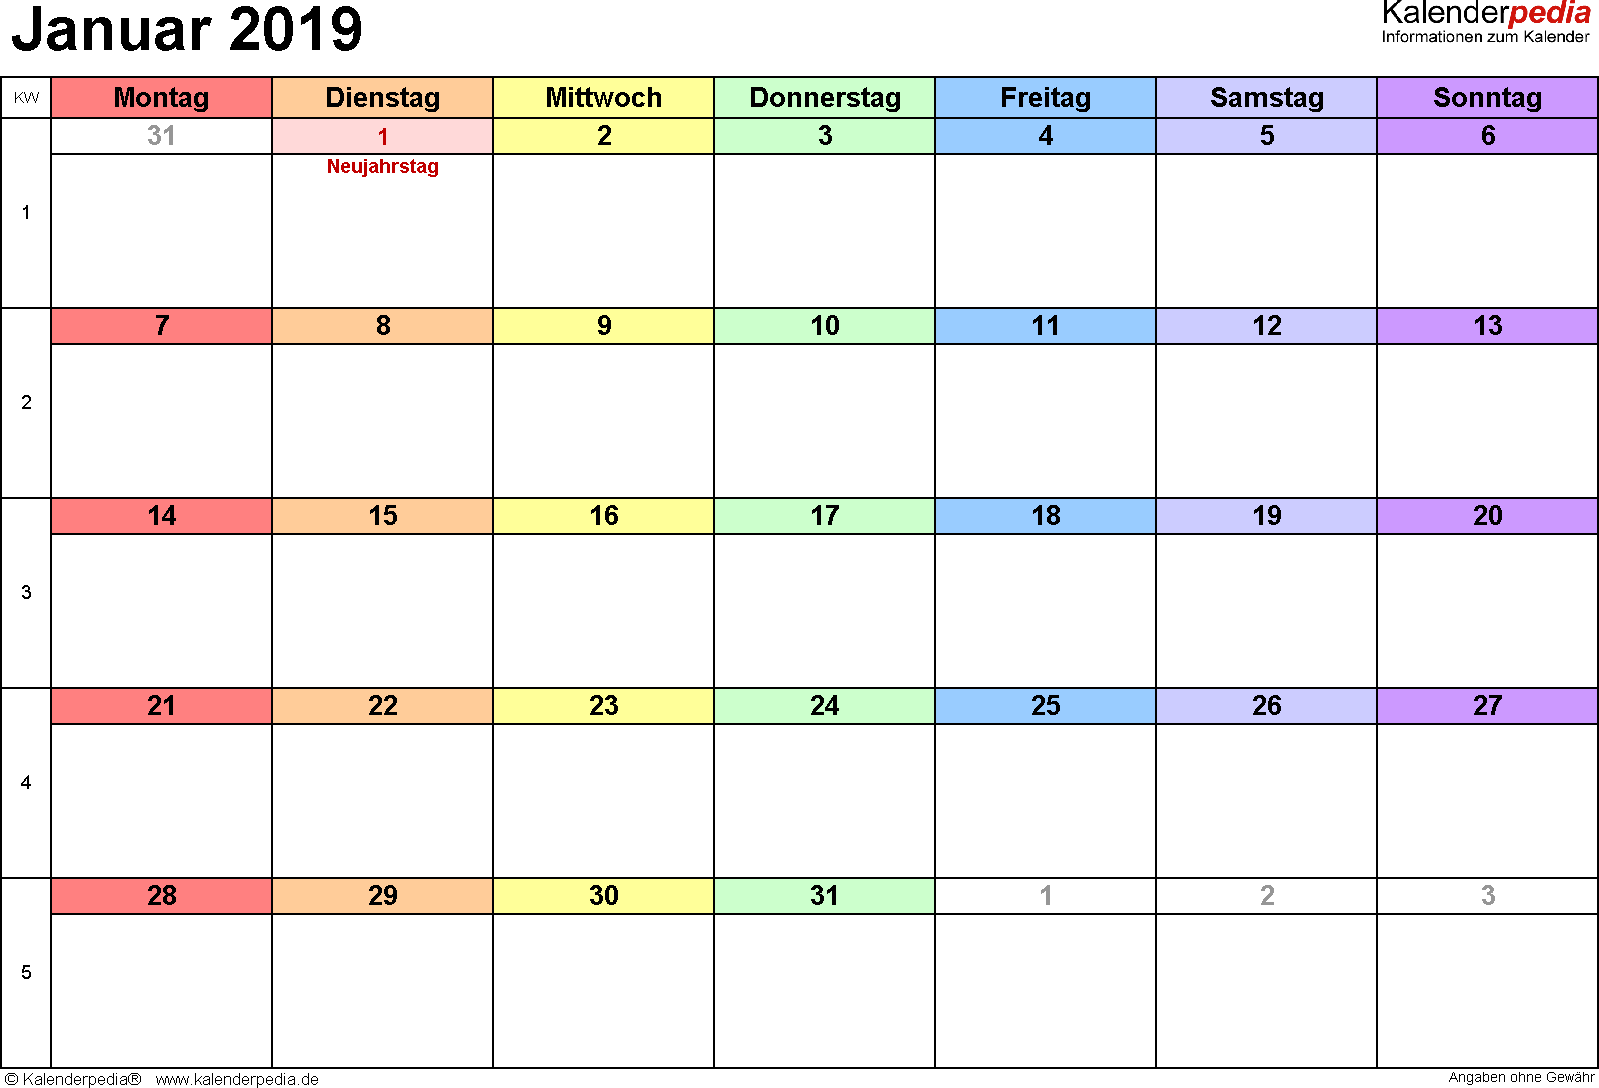 kalender 2019 kinder ausdrucken  kalender 2019 zum